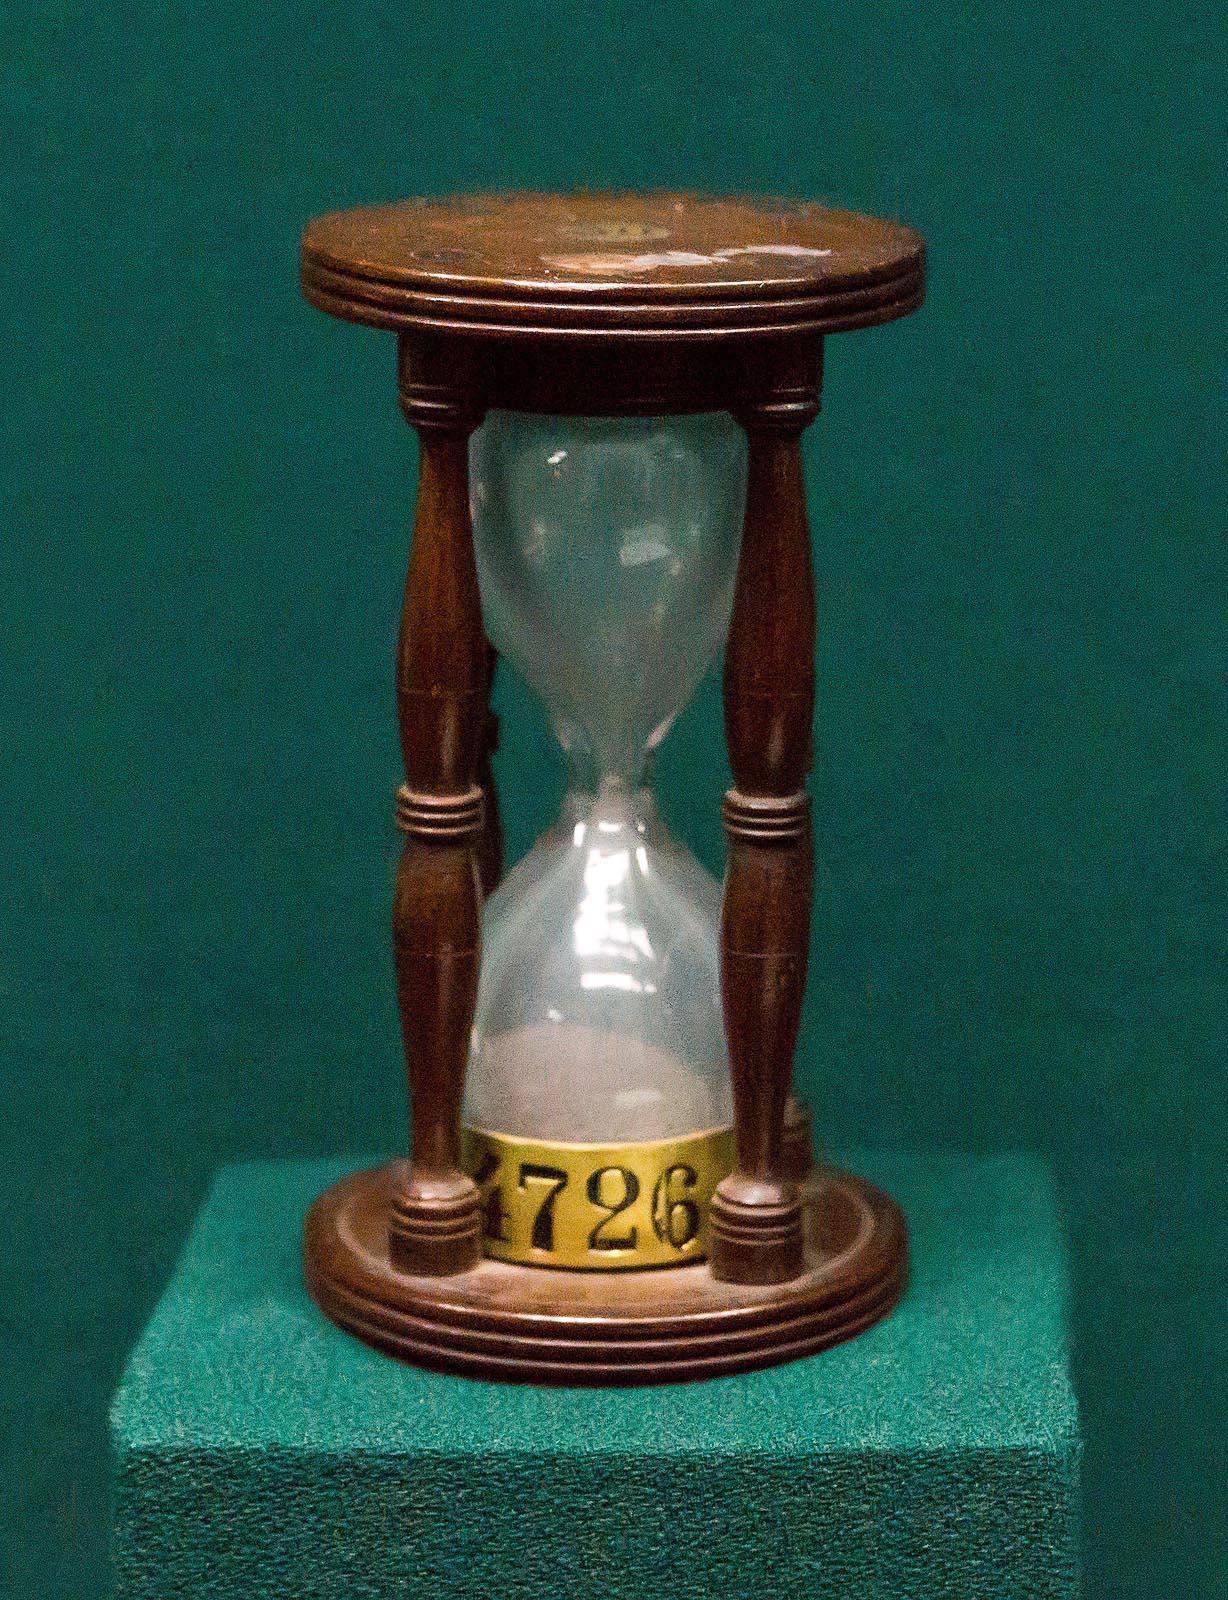 Фото №750643. Часы песочные 30 секундные в деревянном корпусе